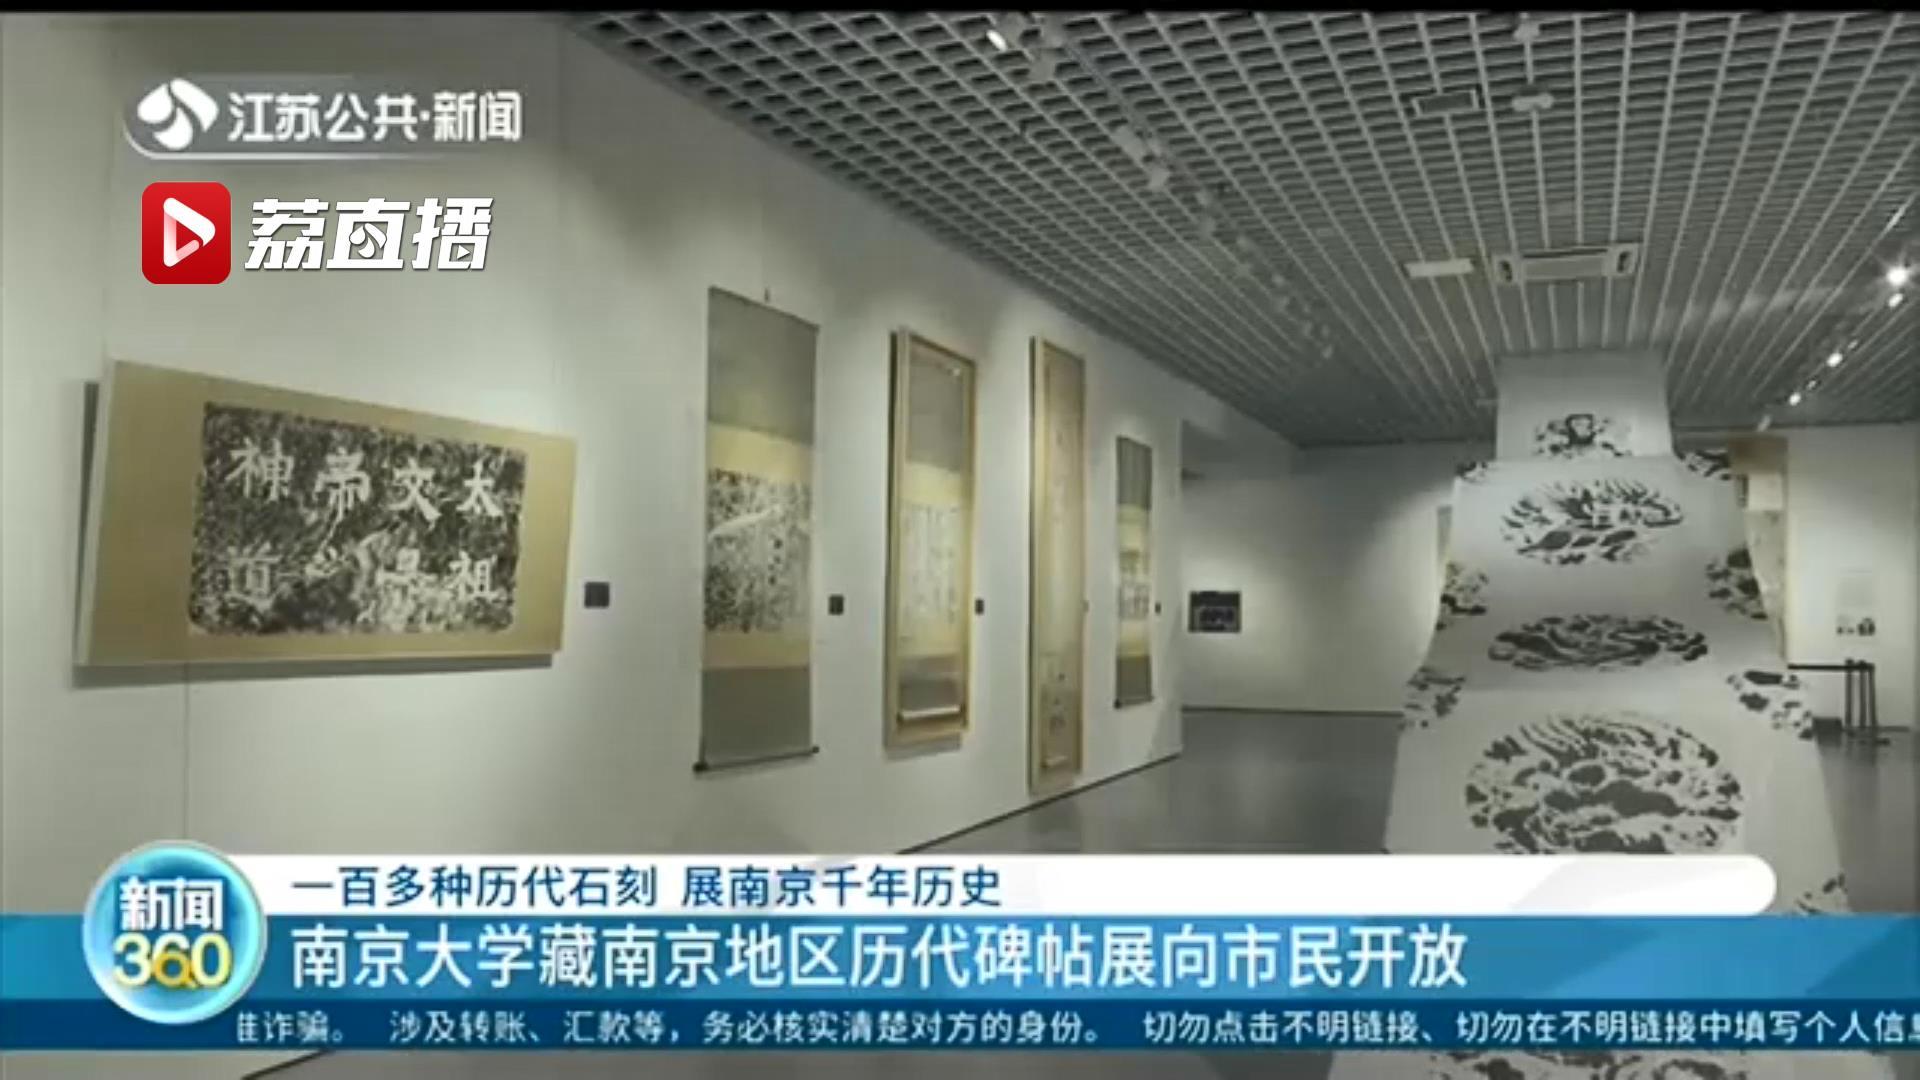 一百多种历代石刻展千年历史 南京大学藏南京地区历代碑帖展向市民开放